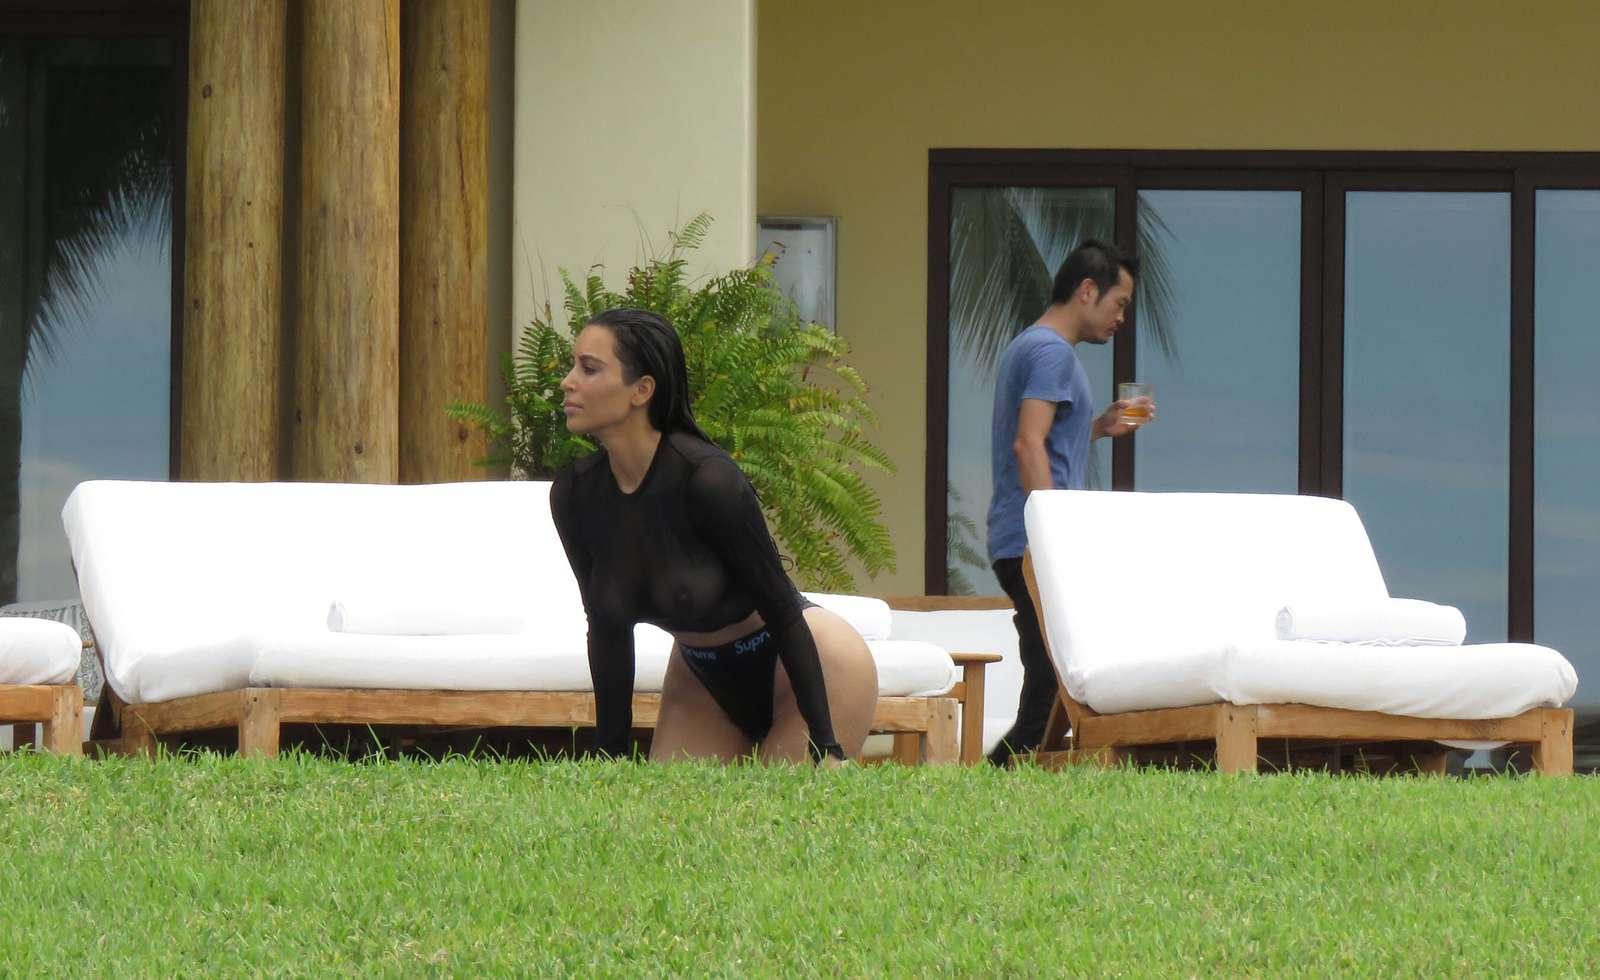 Ким Кардашьян показалась обнаженной в мокром купальнике (ФОТО)